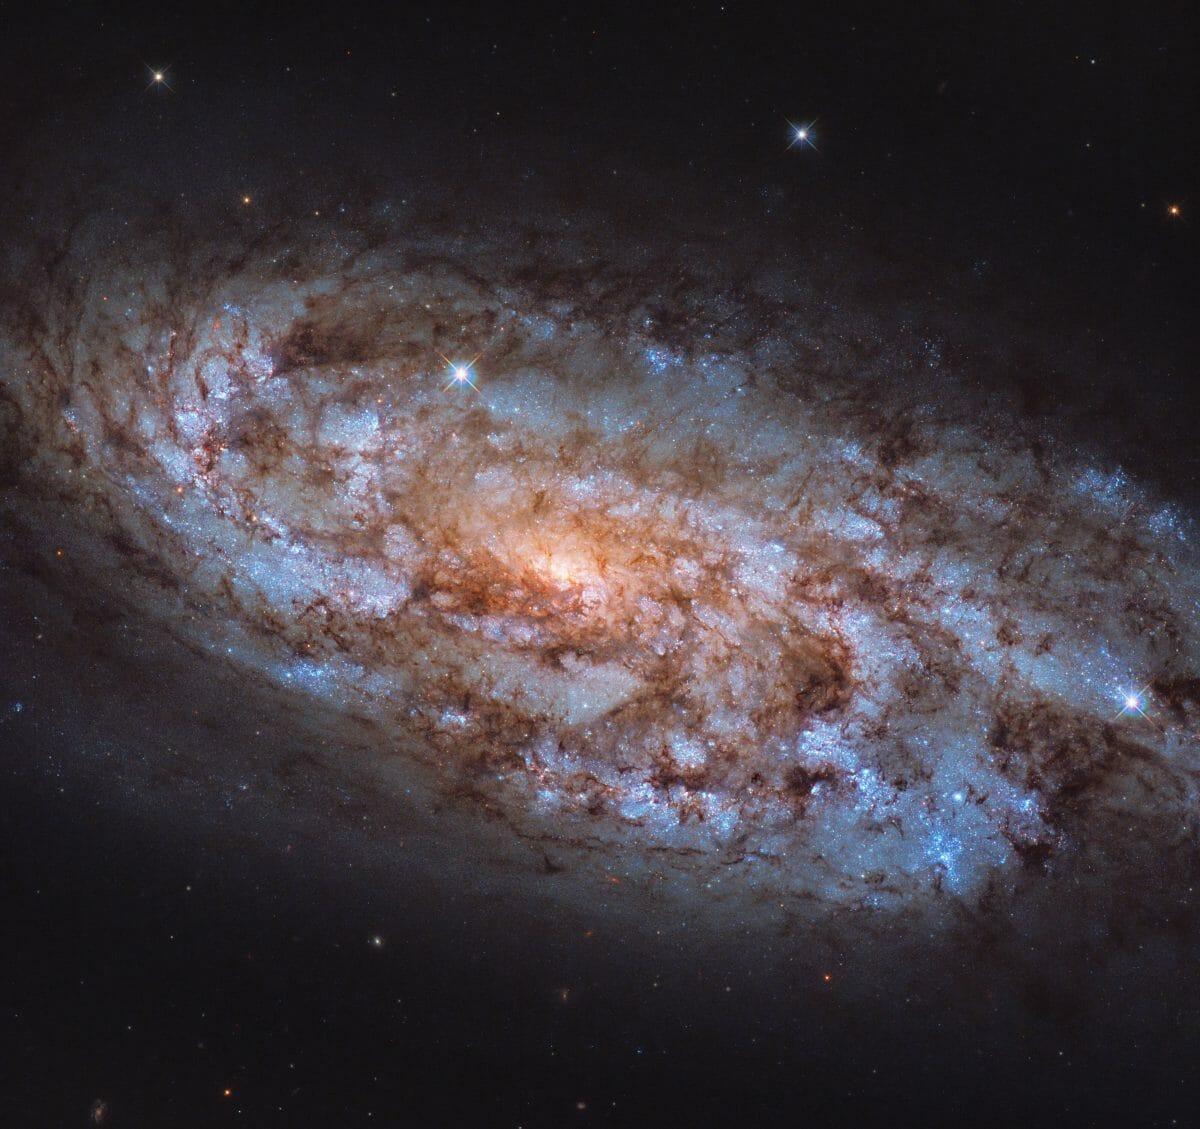 渦巻銀河「NGC 1792」(Credit: ESA/Hubble & NASA, J. Lee)